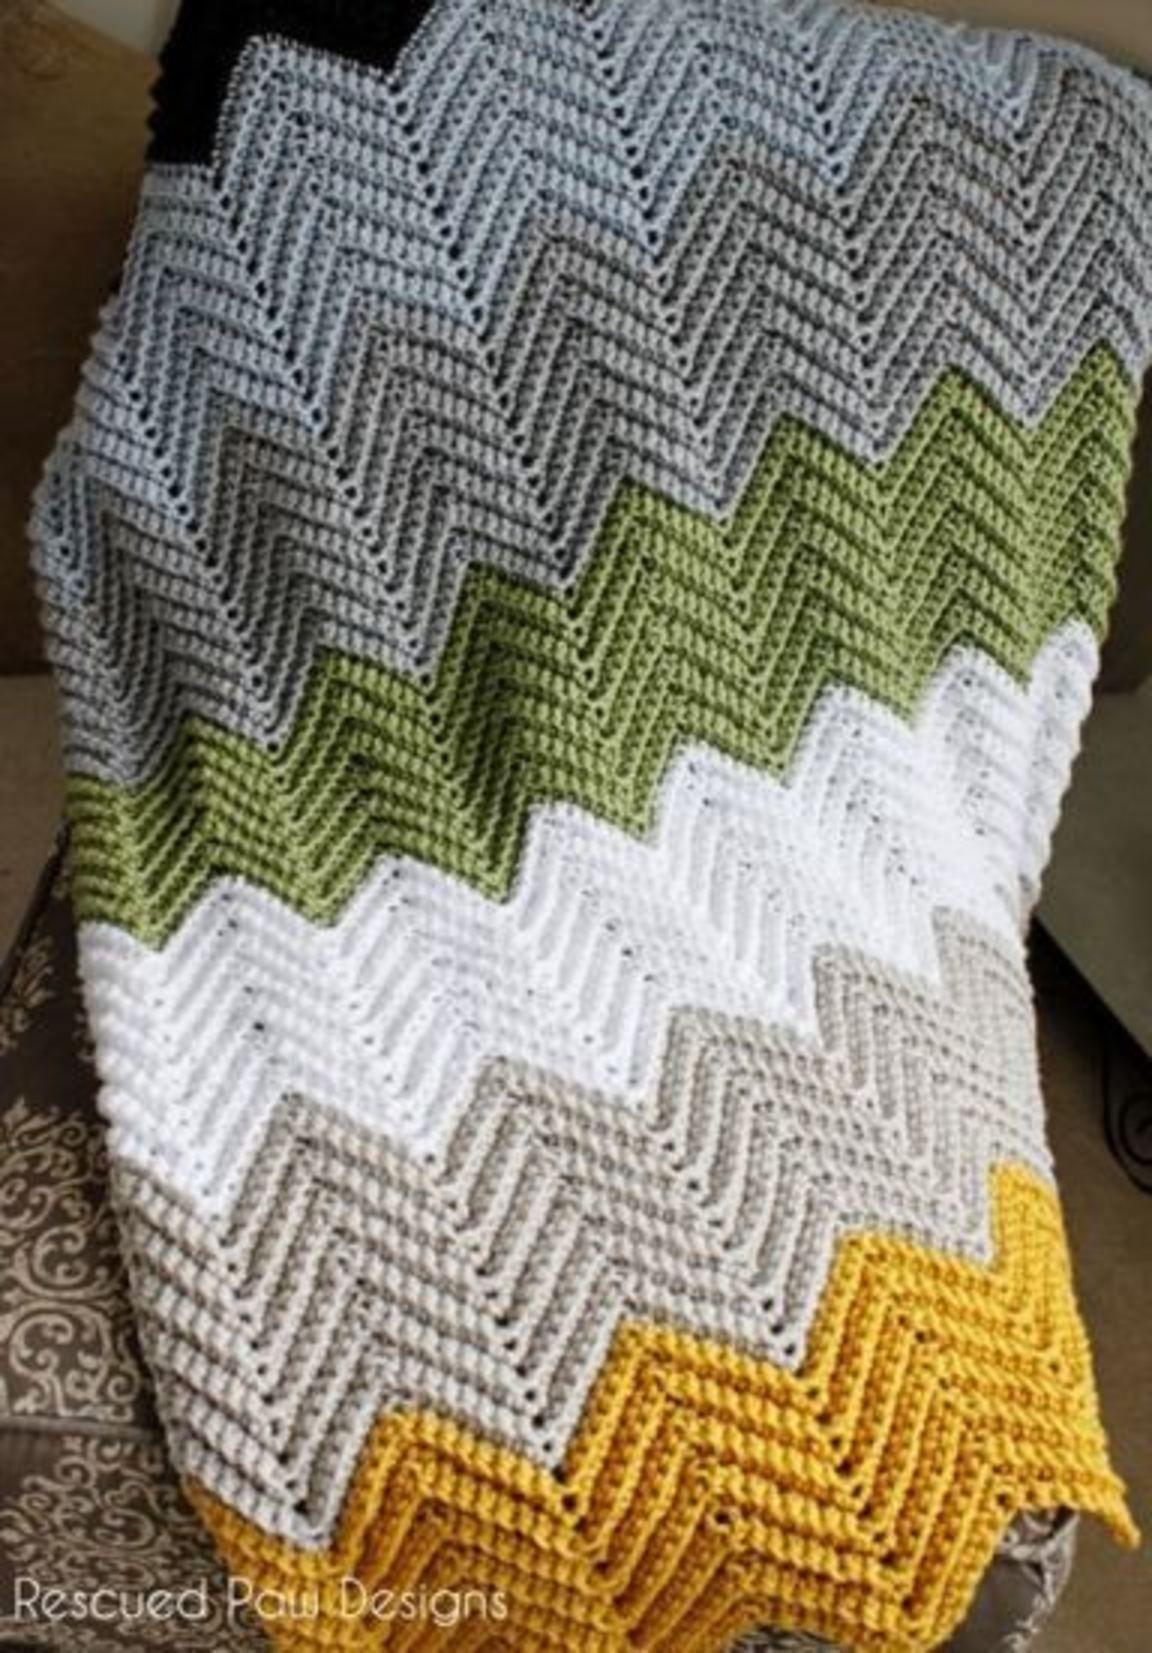 Free pattern crochet chevron blanket easy fast pattern free pattern crochet chevron blanket easy fast pattern bankloansurffo Gallery